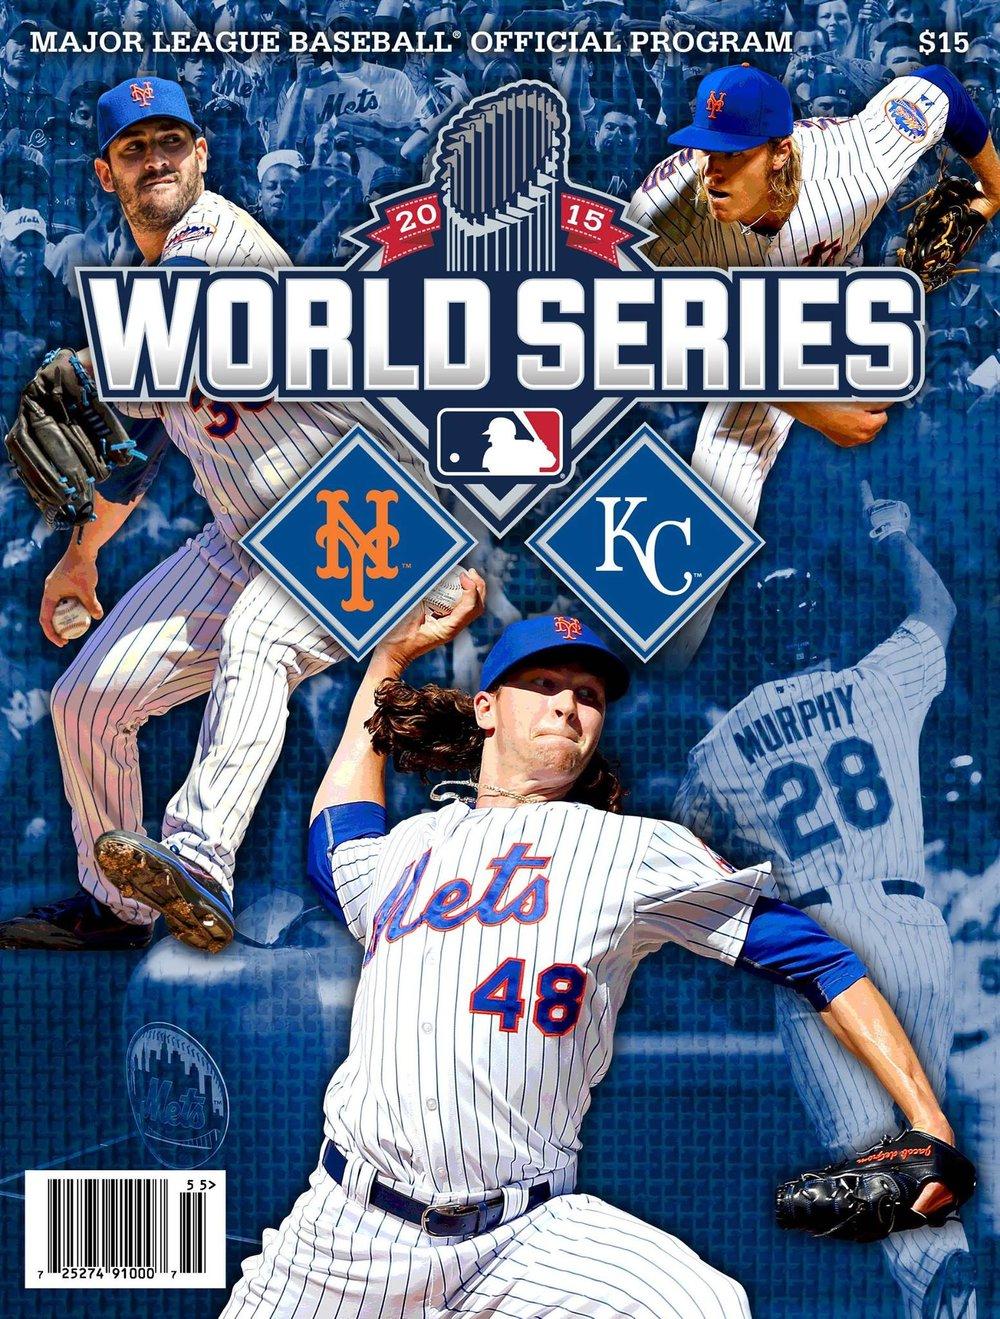 2015 WS Mets.jpg